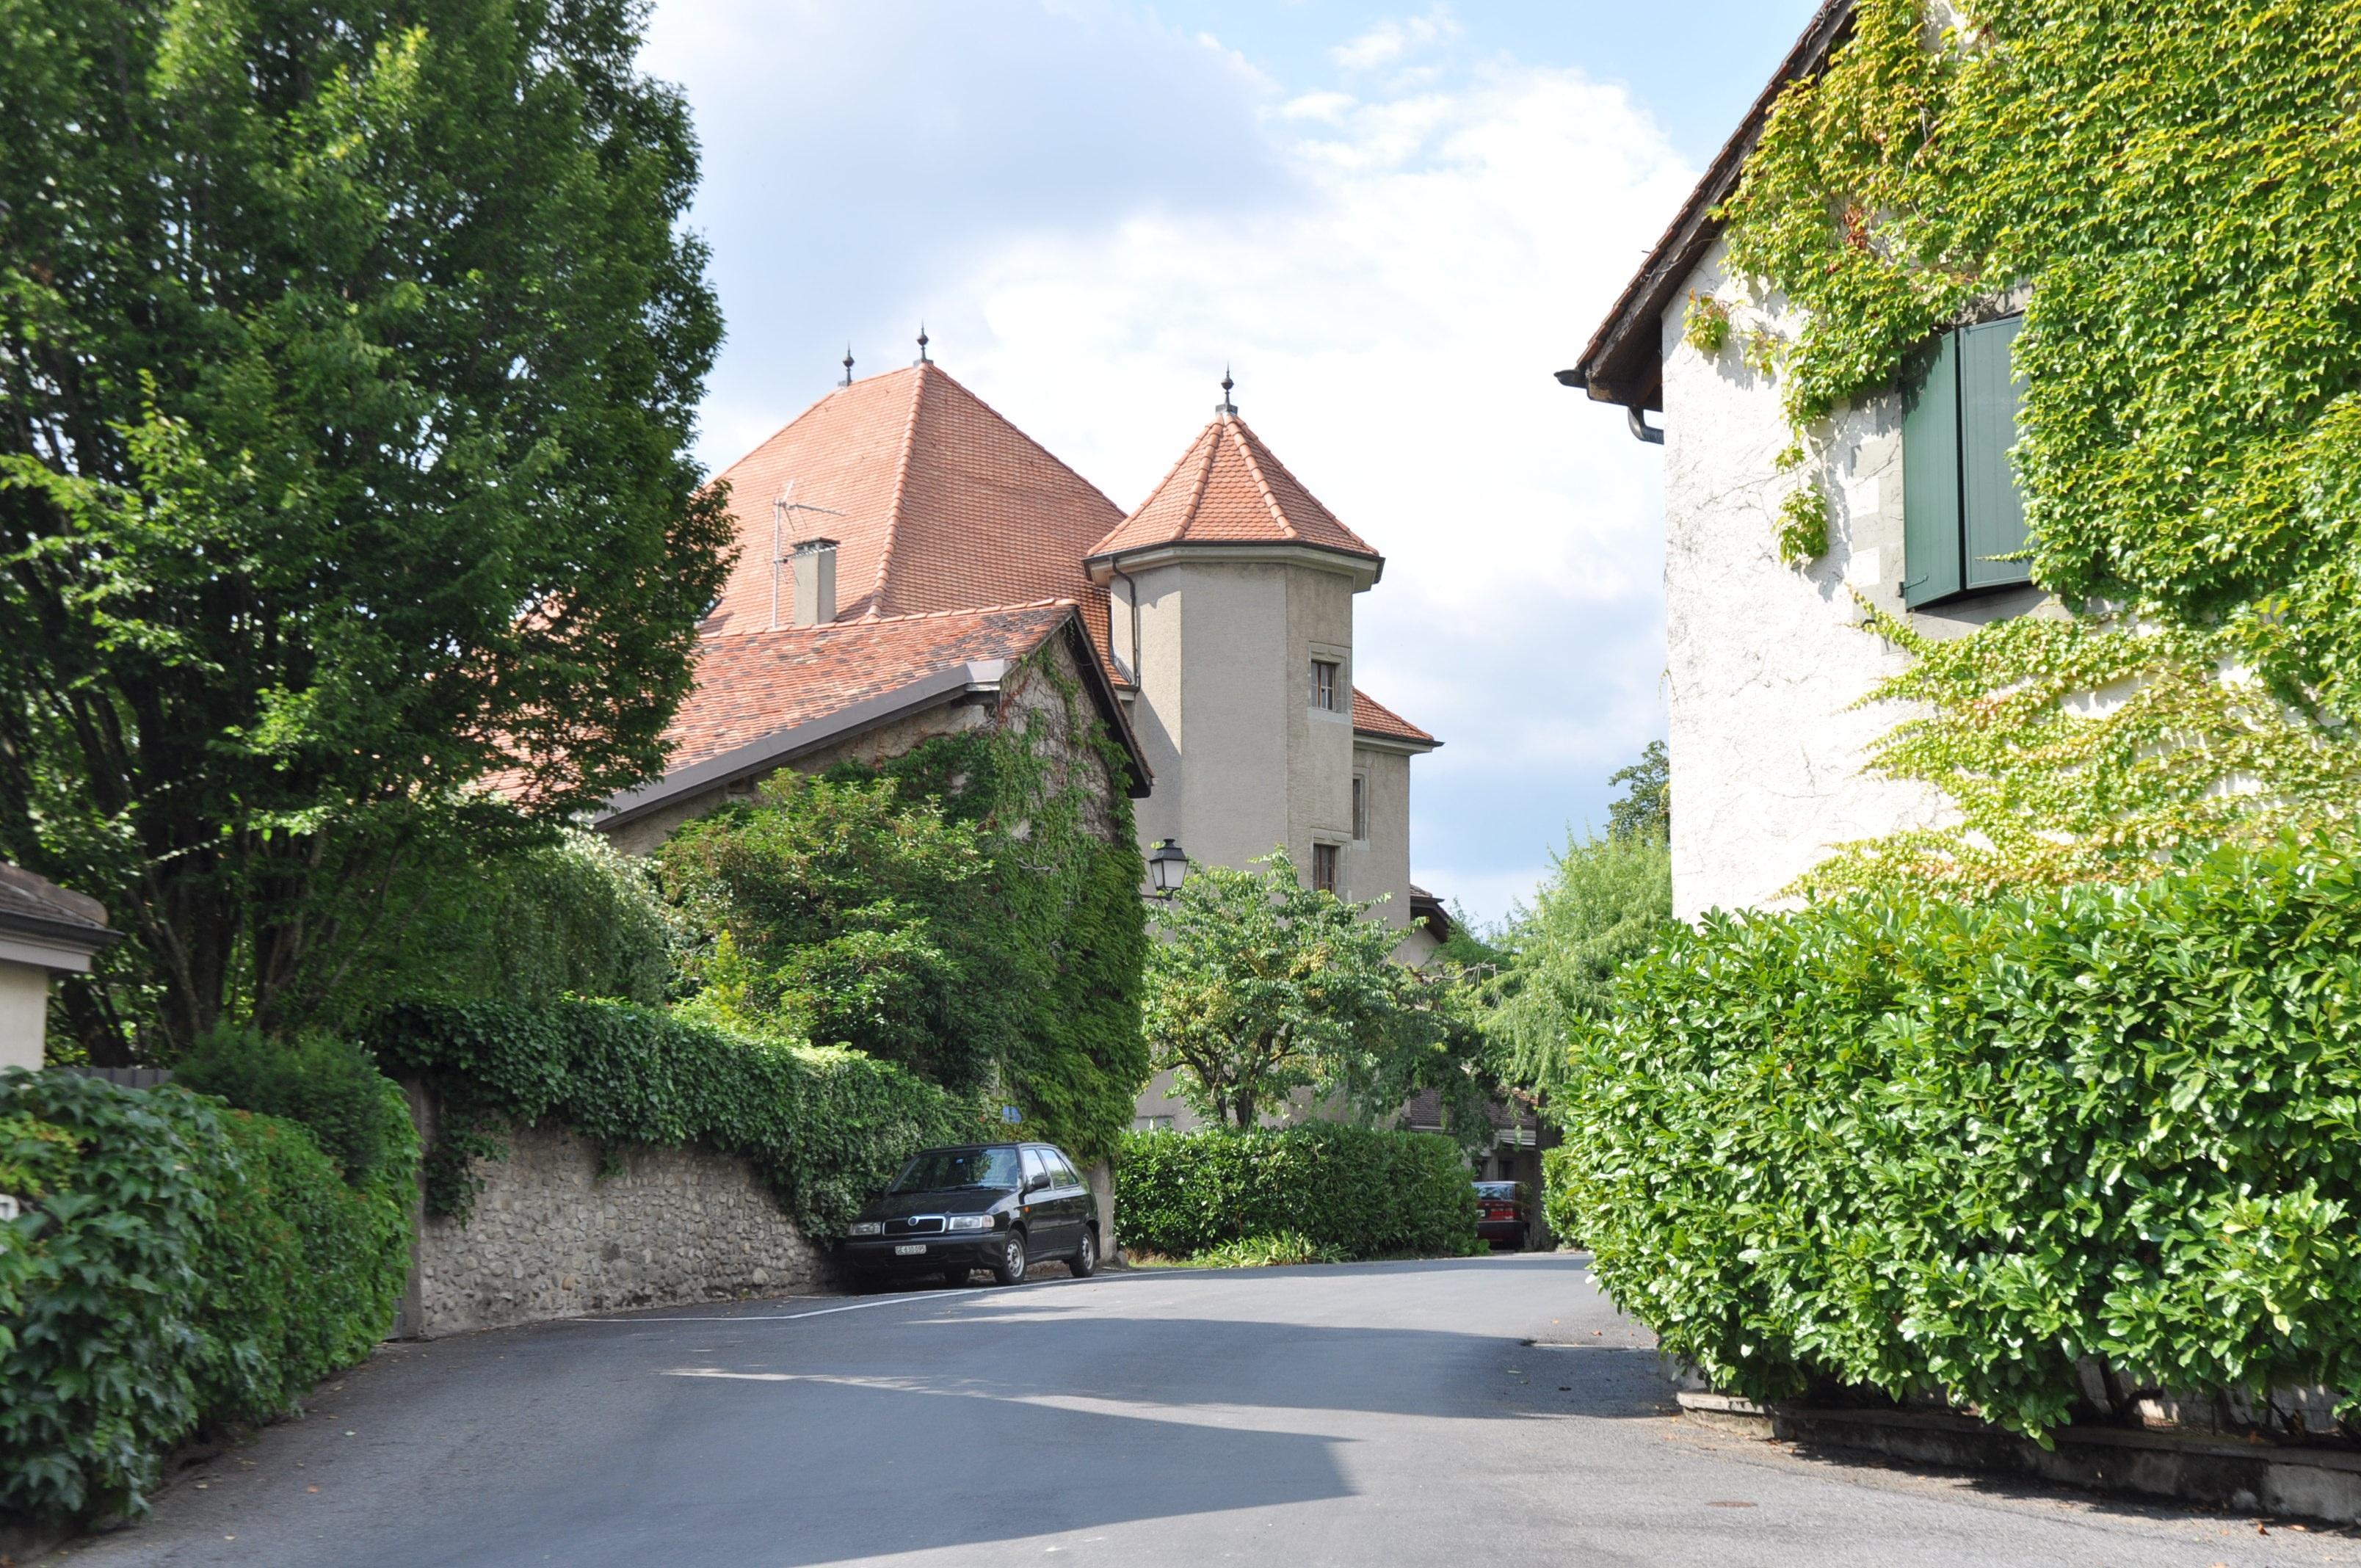 Images Gratuites : arbre, architecture, villa, Manoir, maison ...